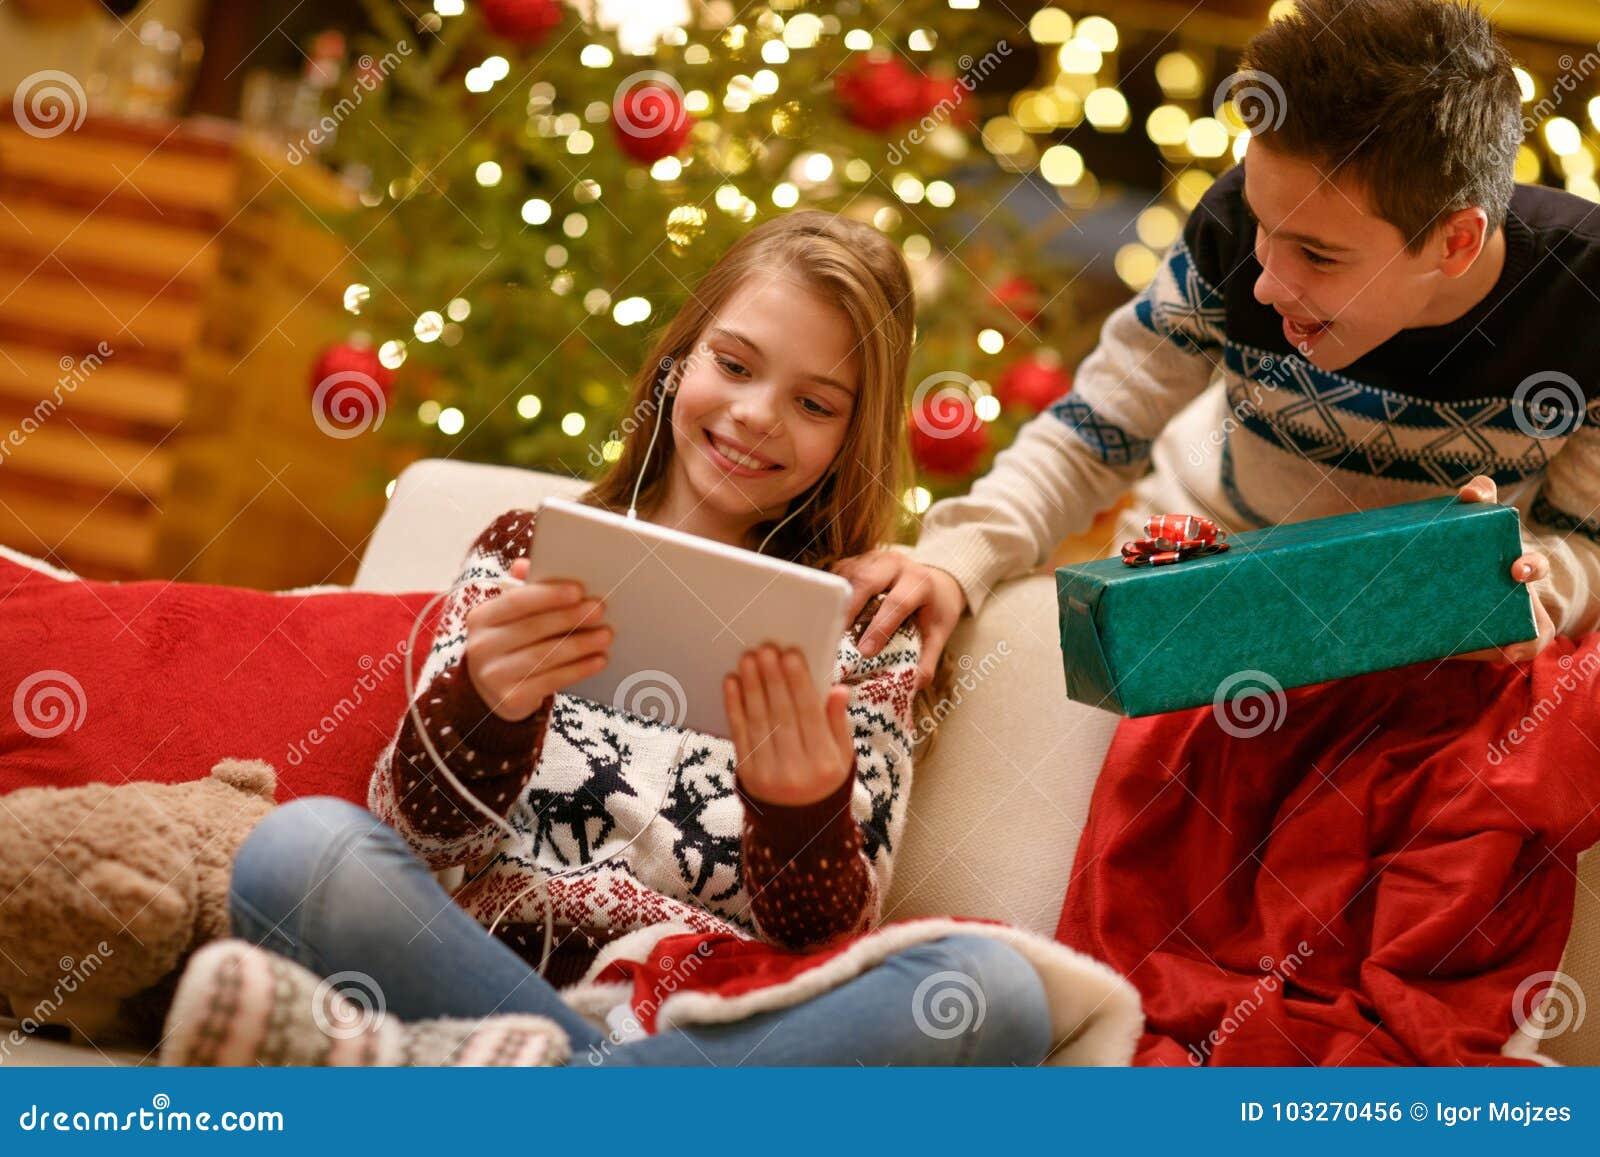 Αγόρι και κορίτσι που απολαμβάνουν στα δώρα Χριστουγέννων μουσικής